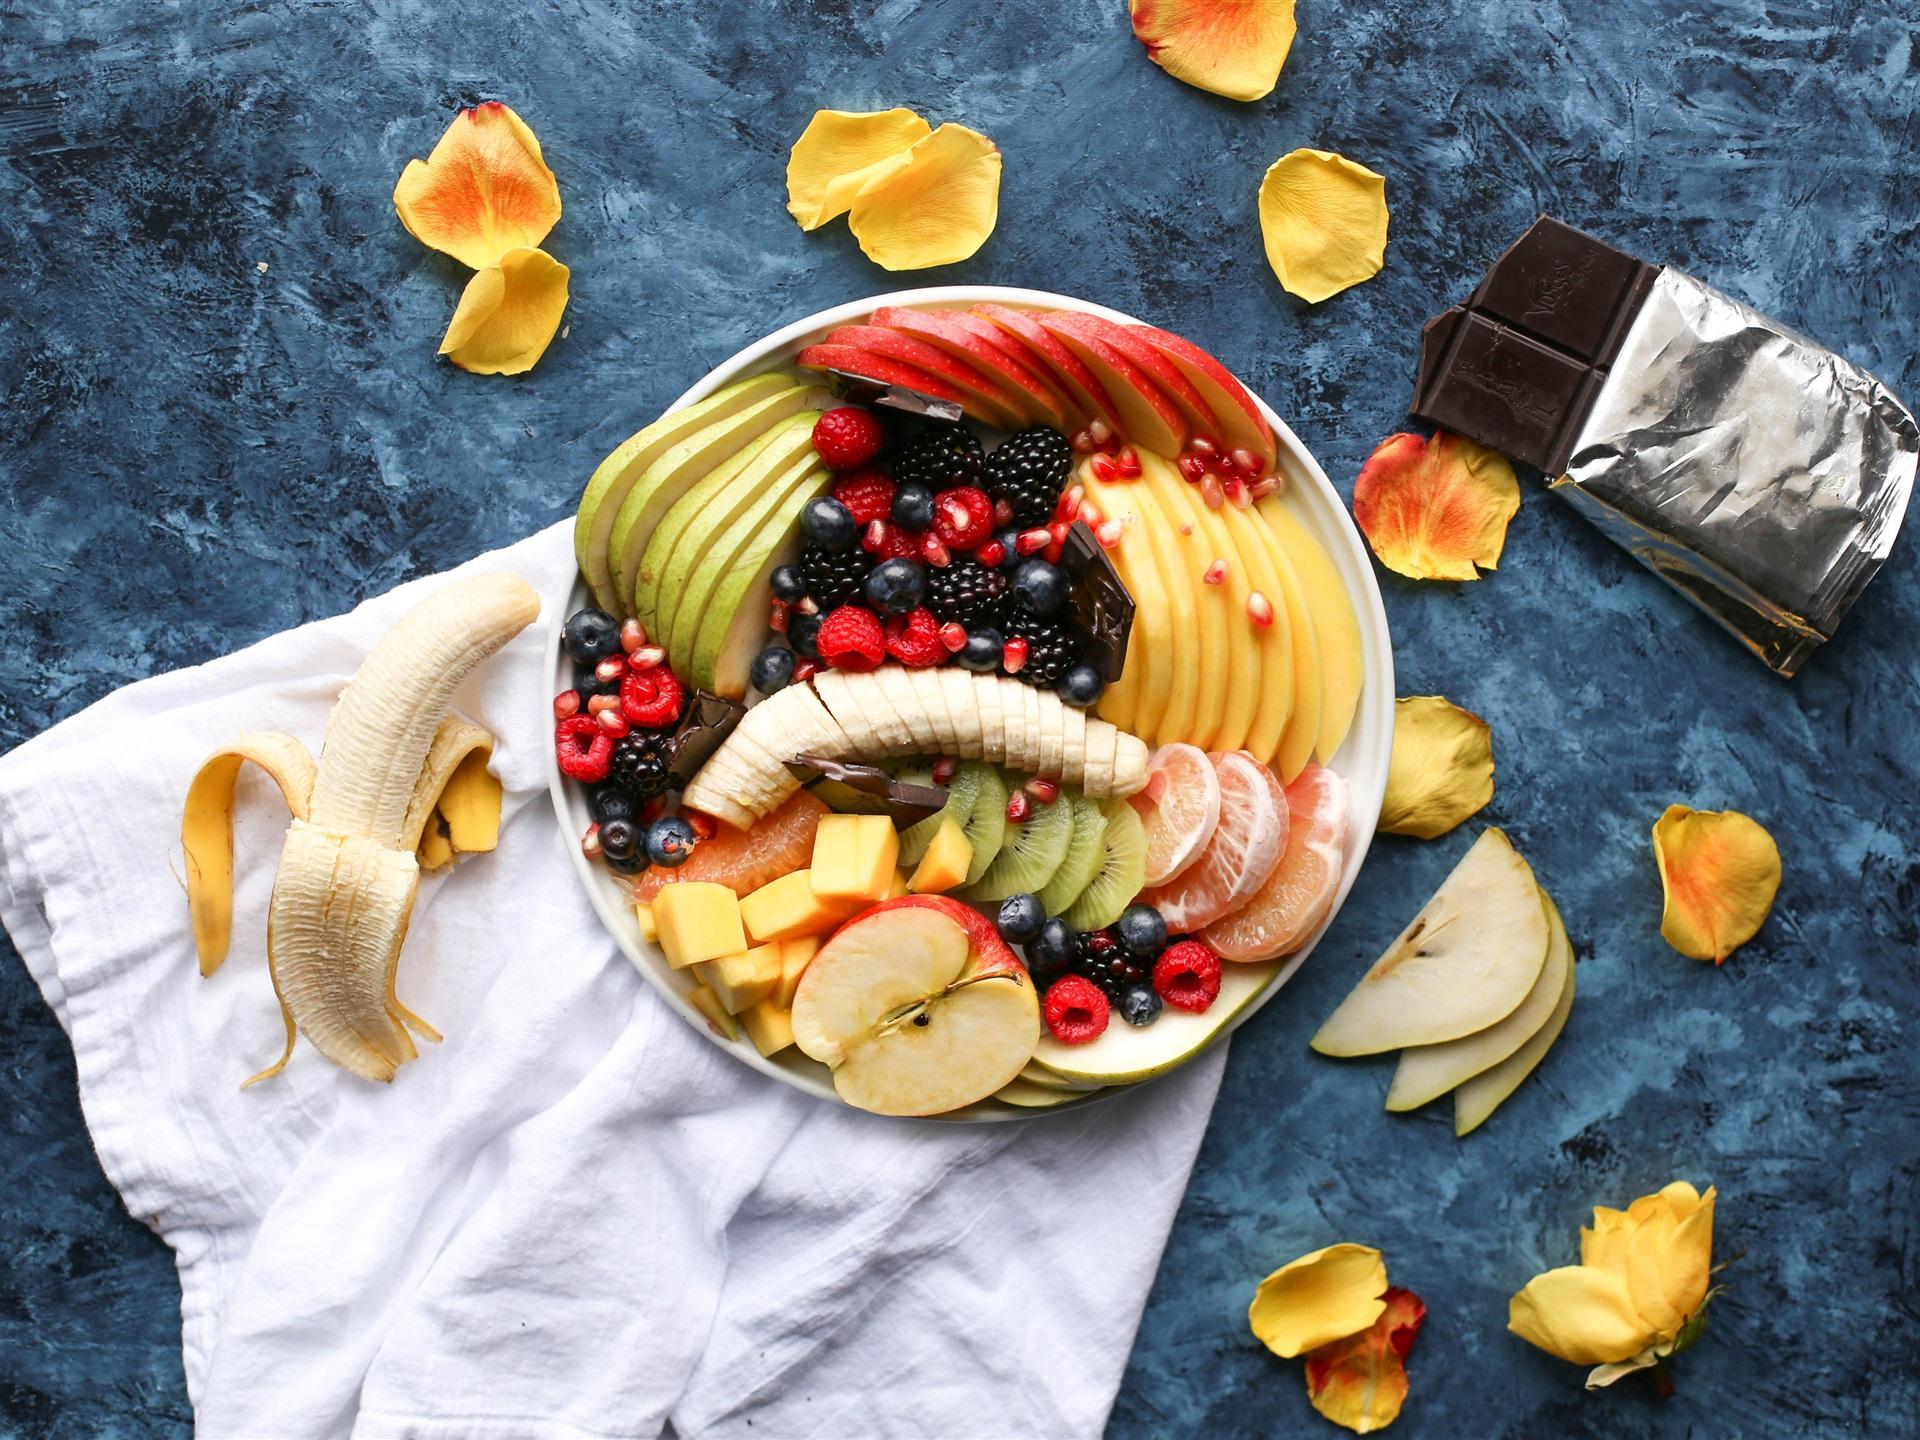 Fondos De Pantalla De Chocolates: Postre De Frutas, Rodajas, Pétalos, Chocolate Fondos De